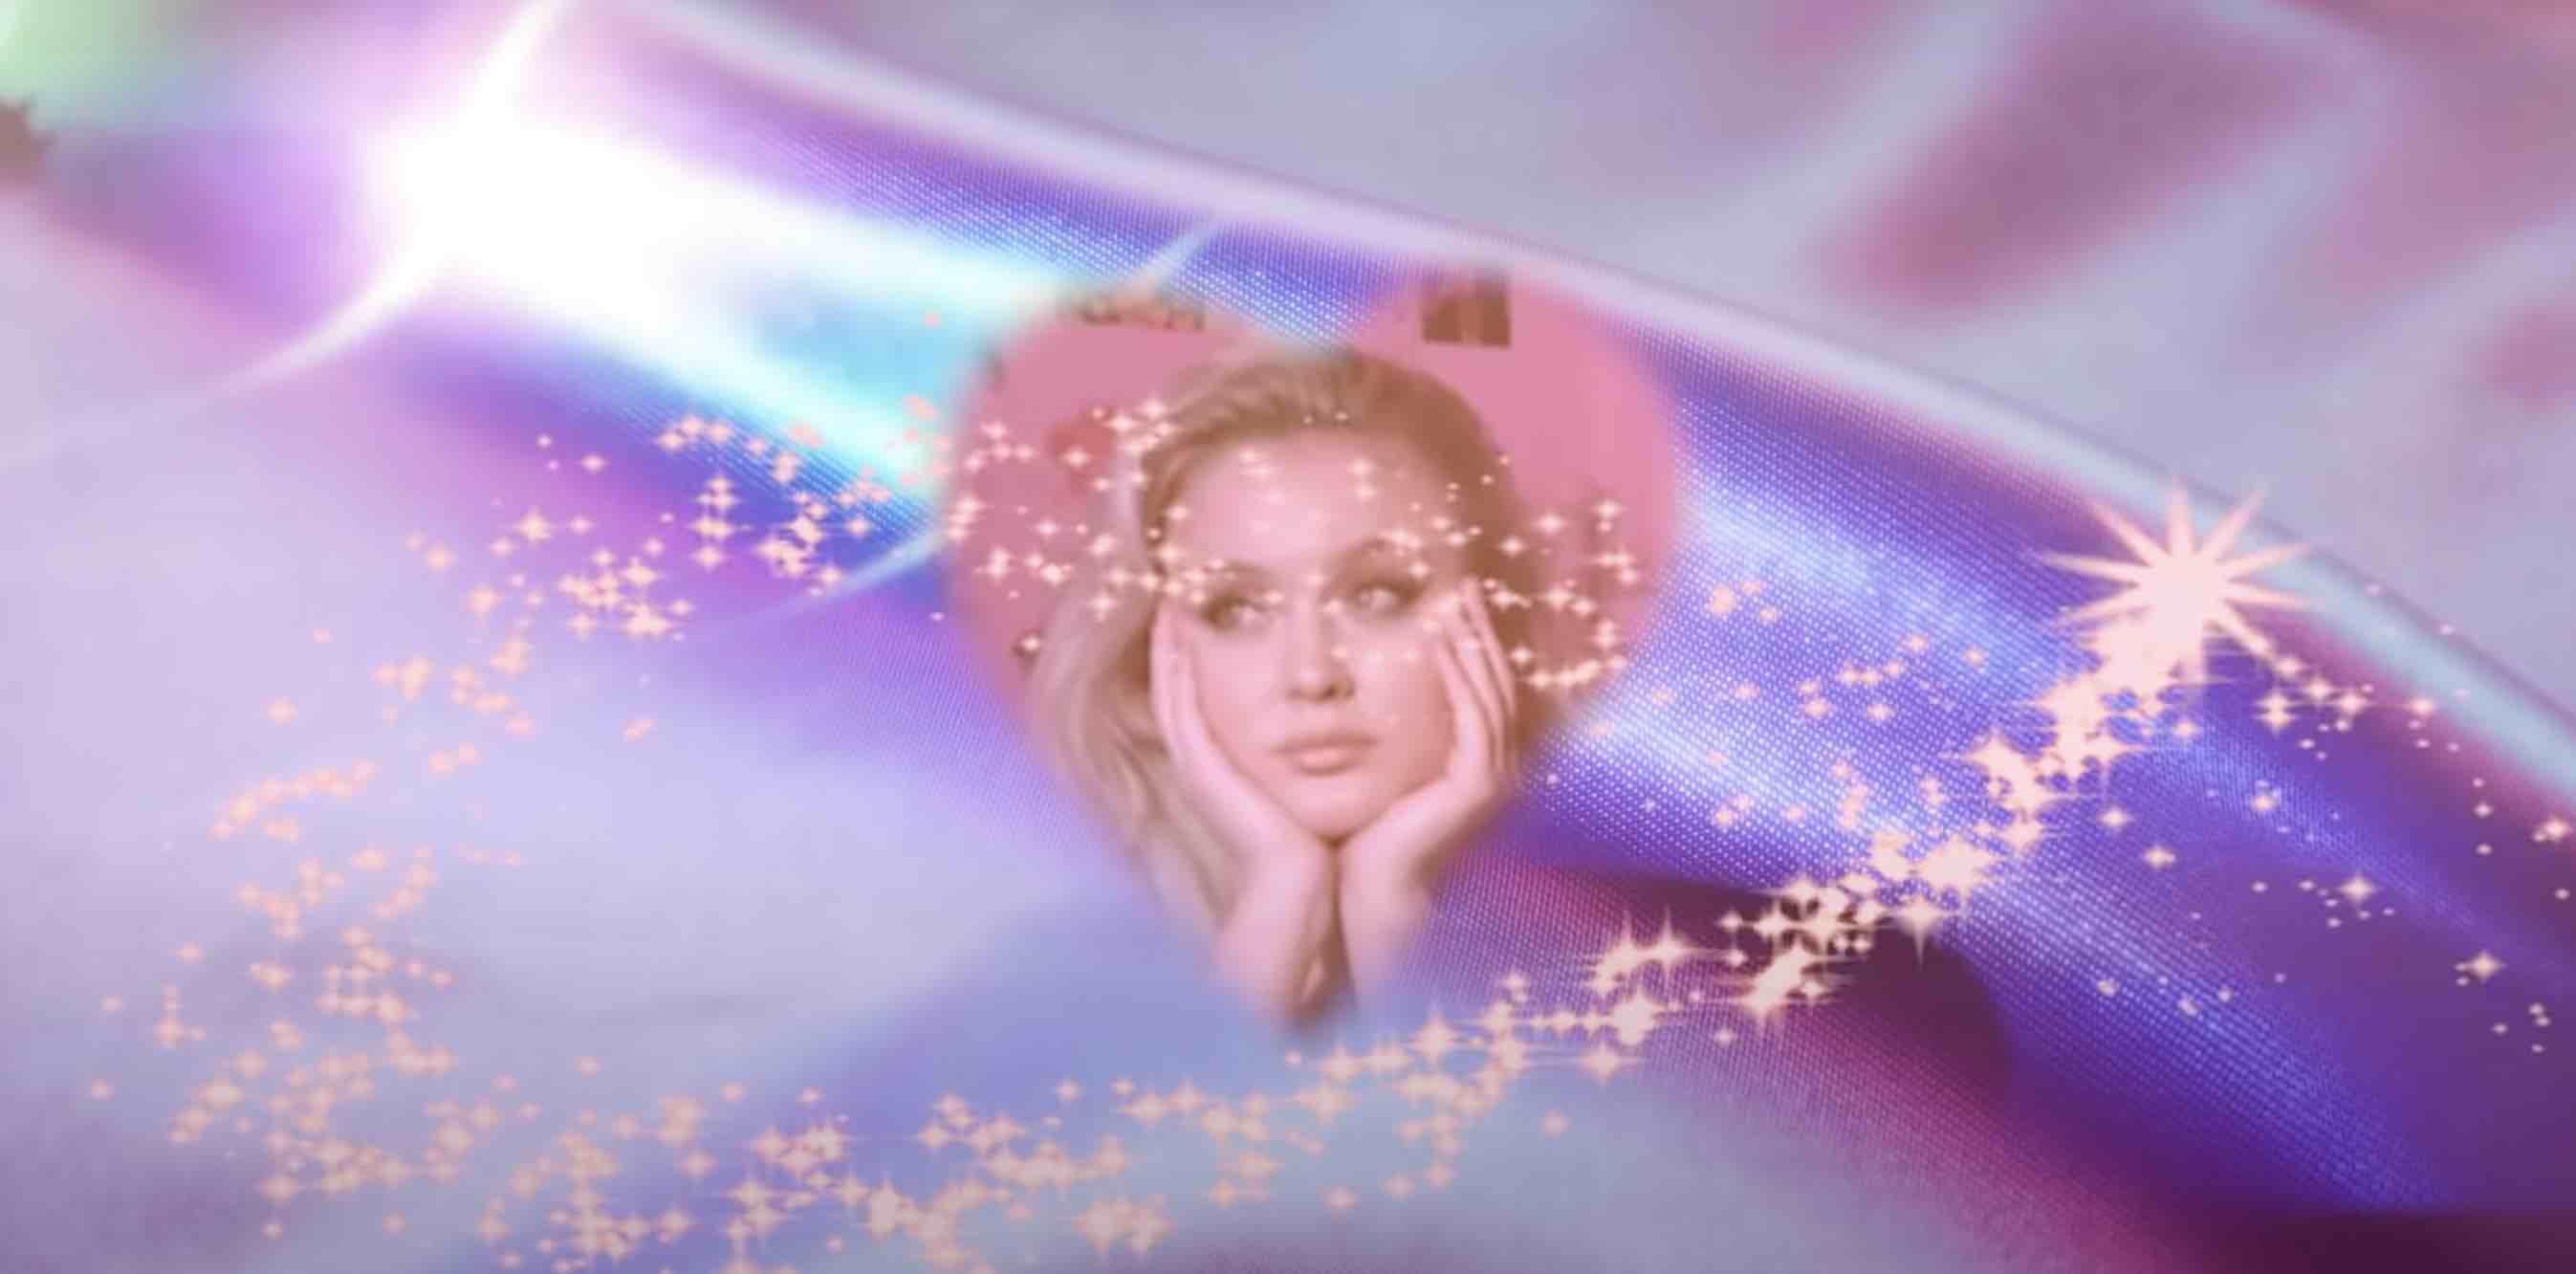 Zara Larsson - Poster Girl -